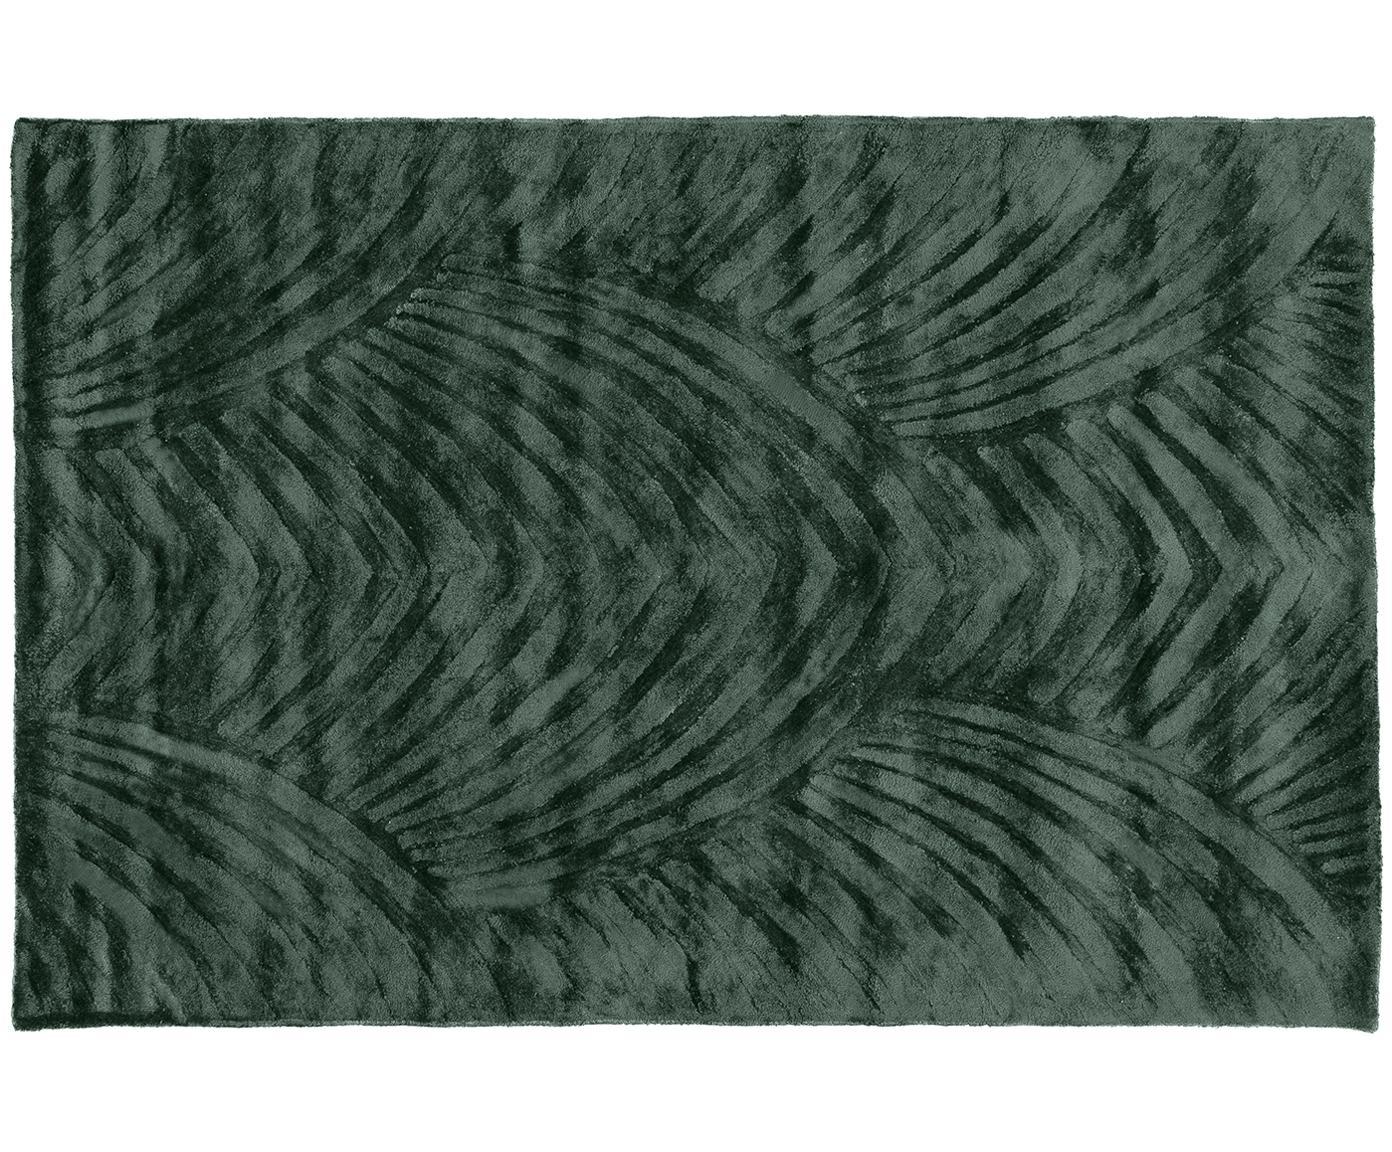 Handgetufteter Viskoseteppich Bloom in Dunkelgrün mit Muster, Flor: 100% Viskose, Dunkelgrün, B 120 x L 180 cm (Größe S)